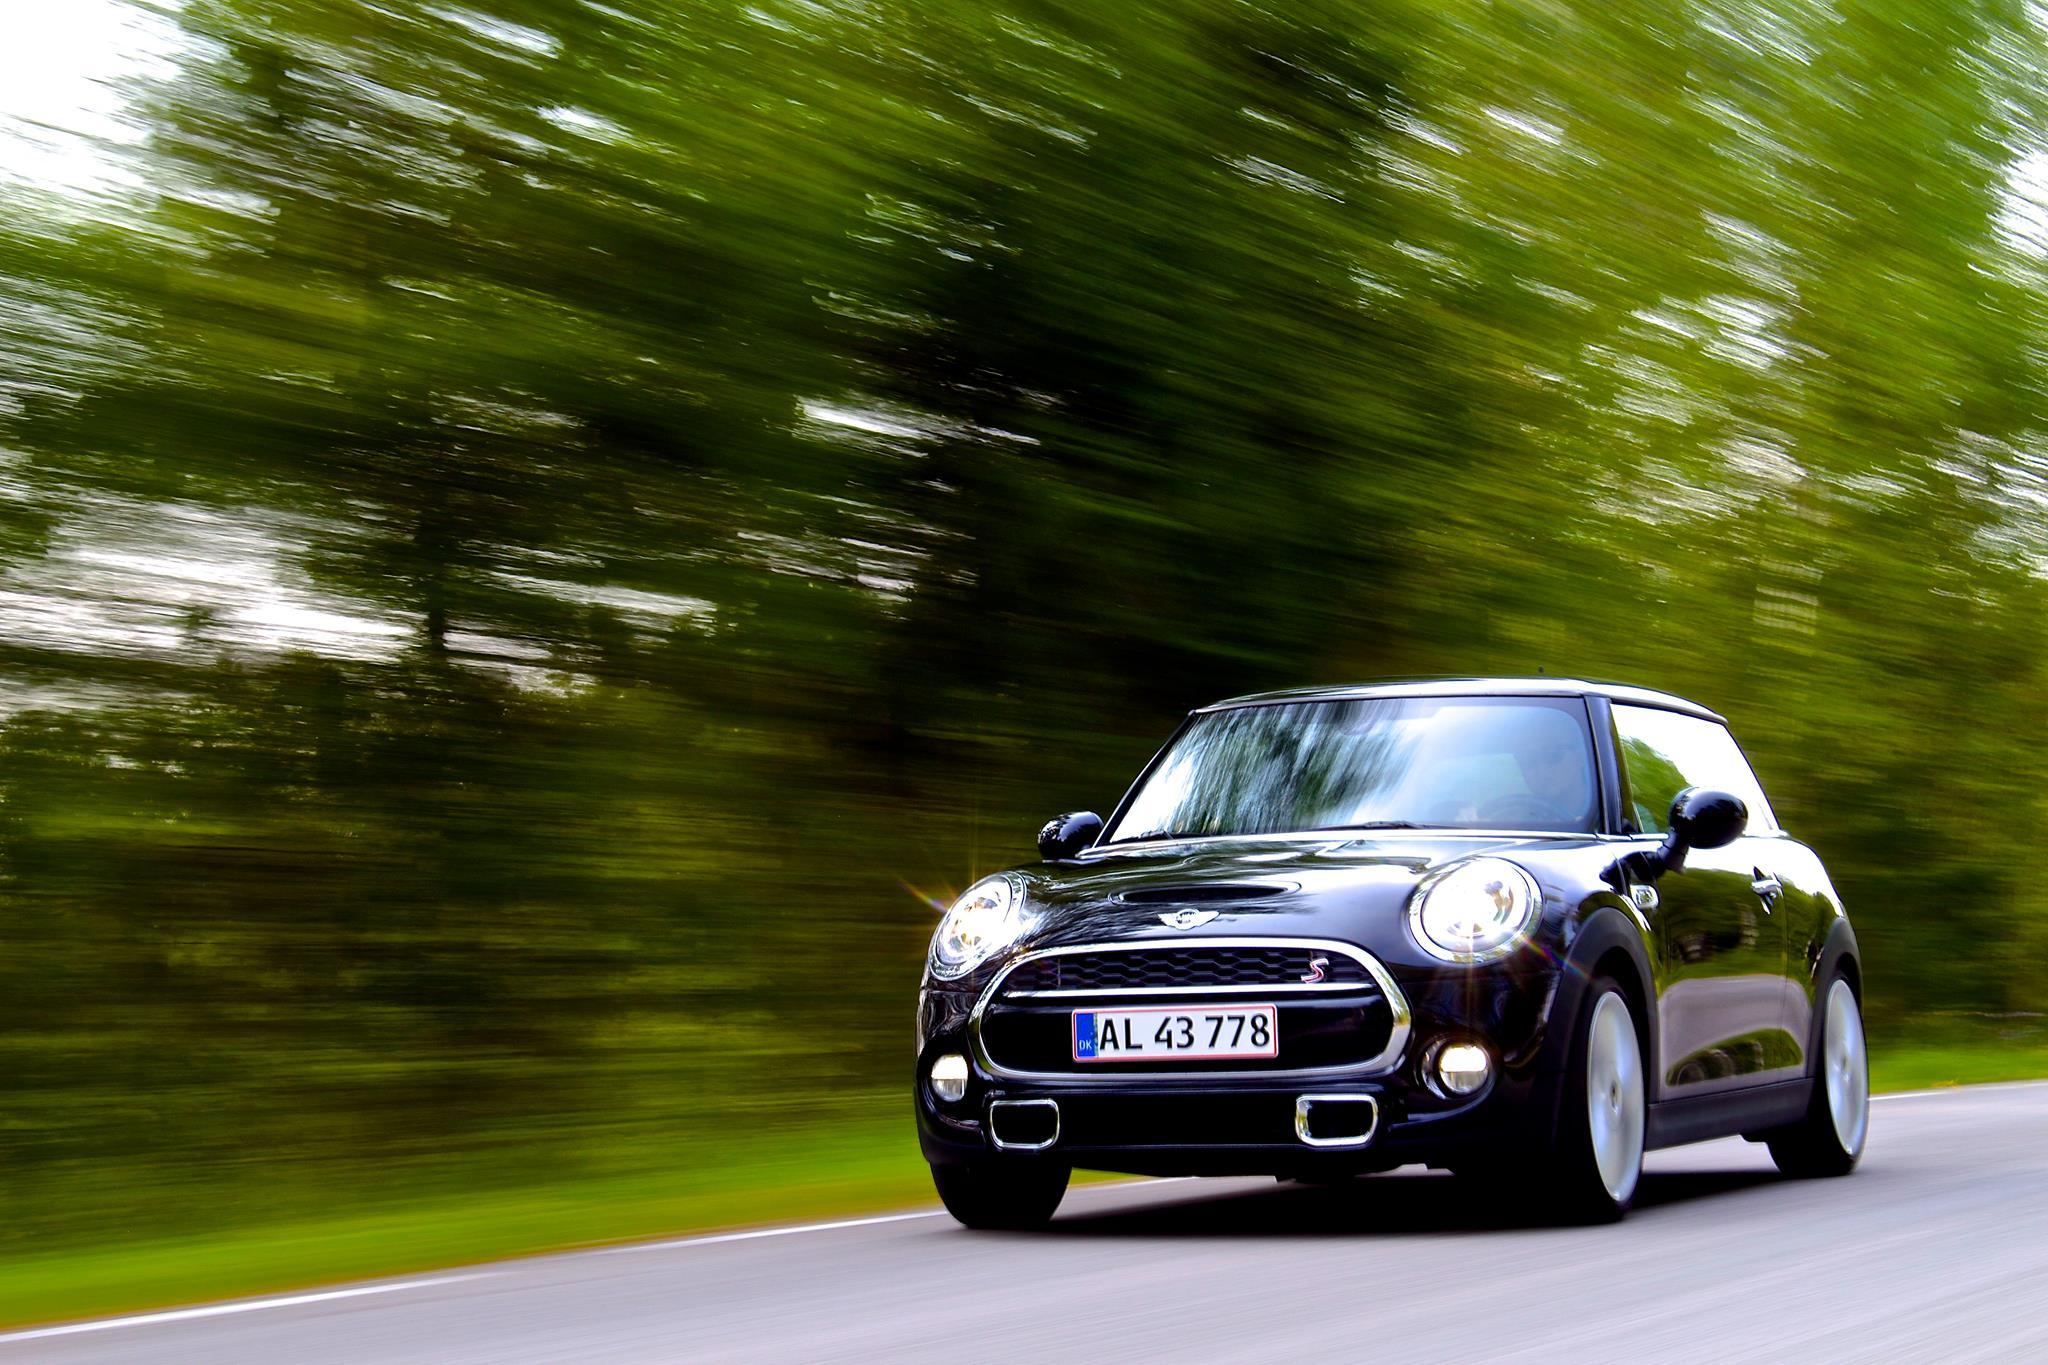 Spørgsmål fra en læser: Hvad skal jeg være opmærksom på, når jeg vil lease en brugt bil ...